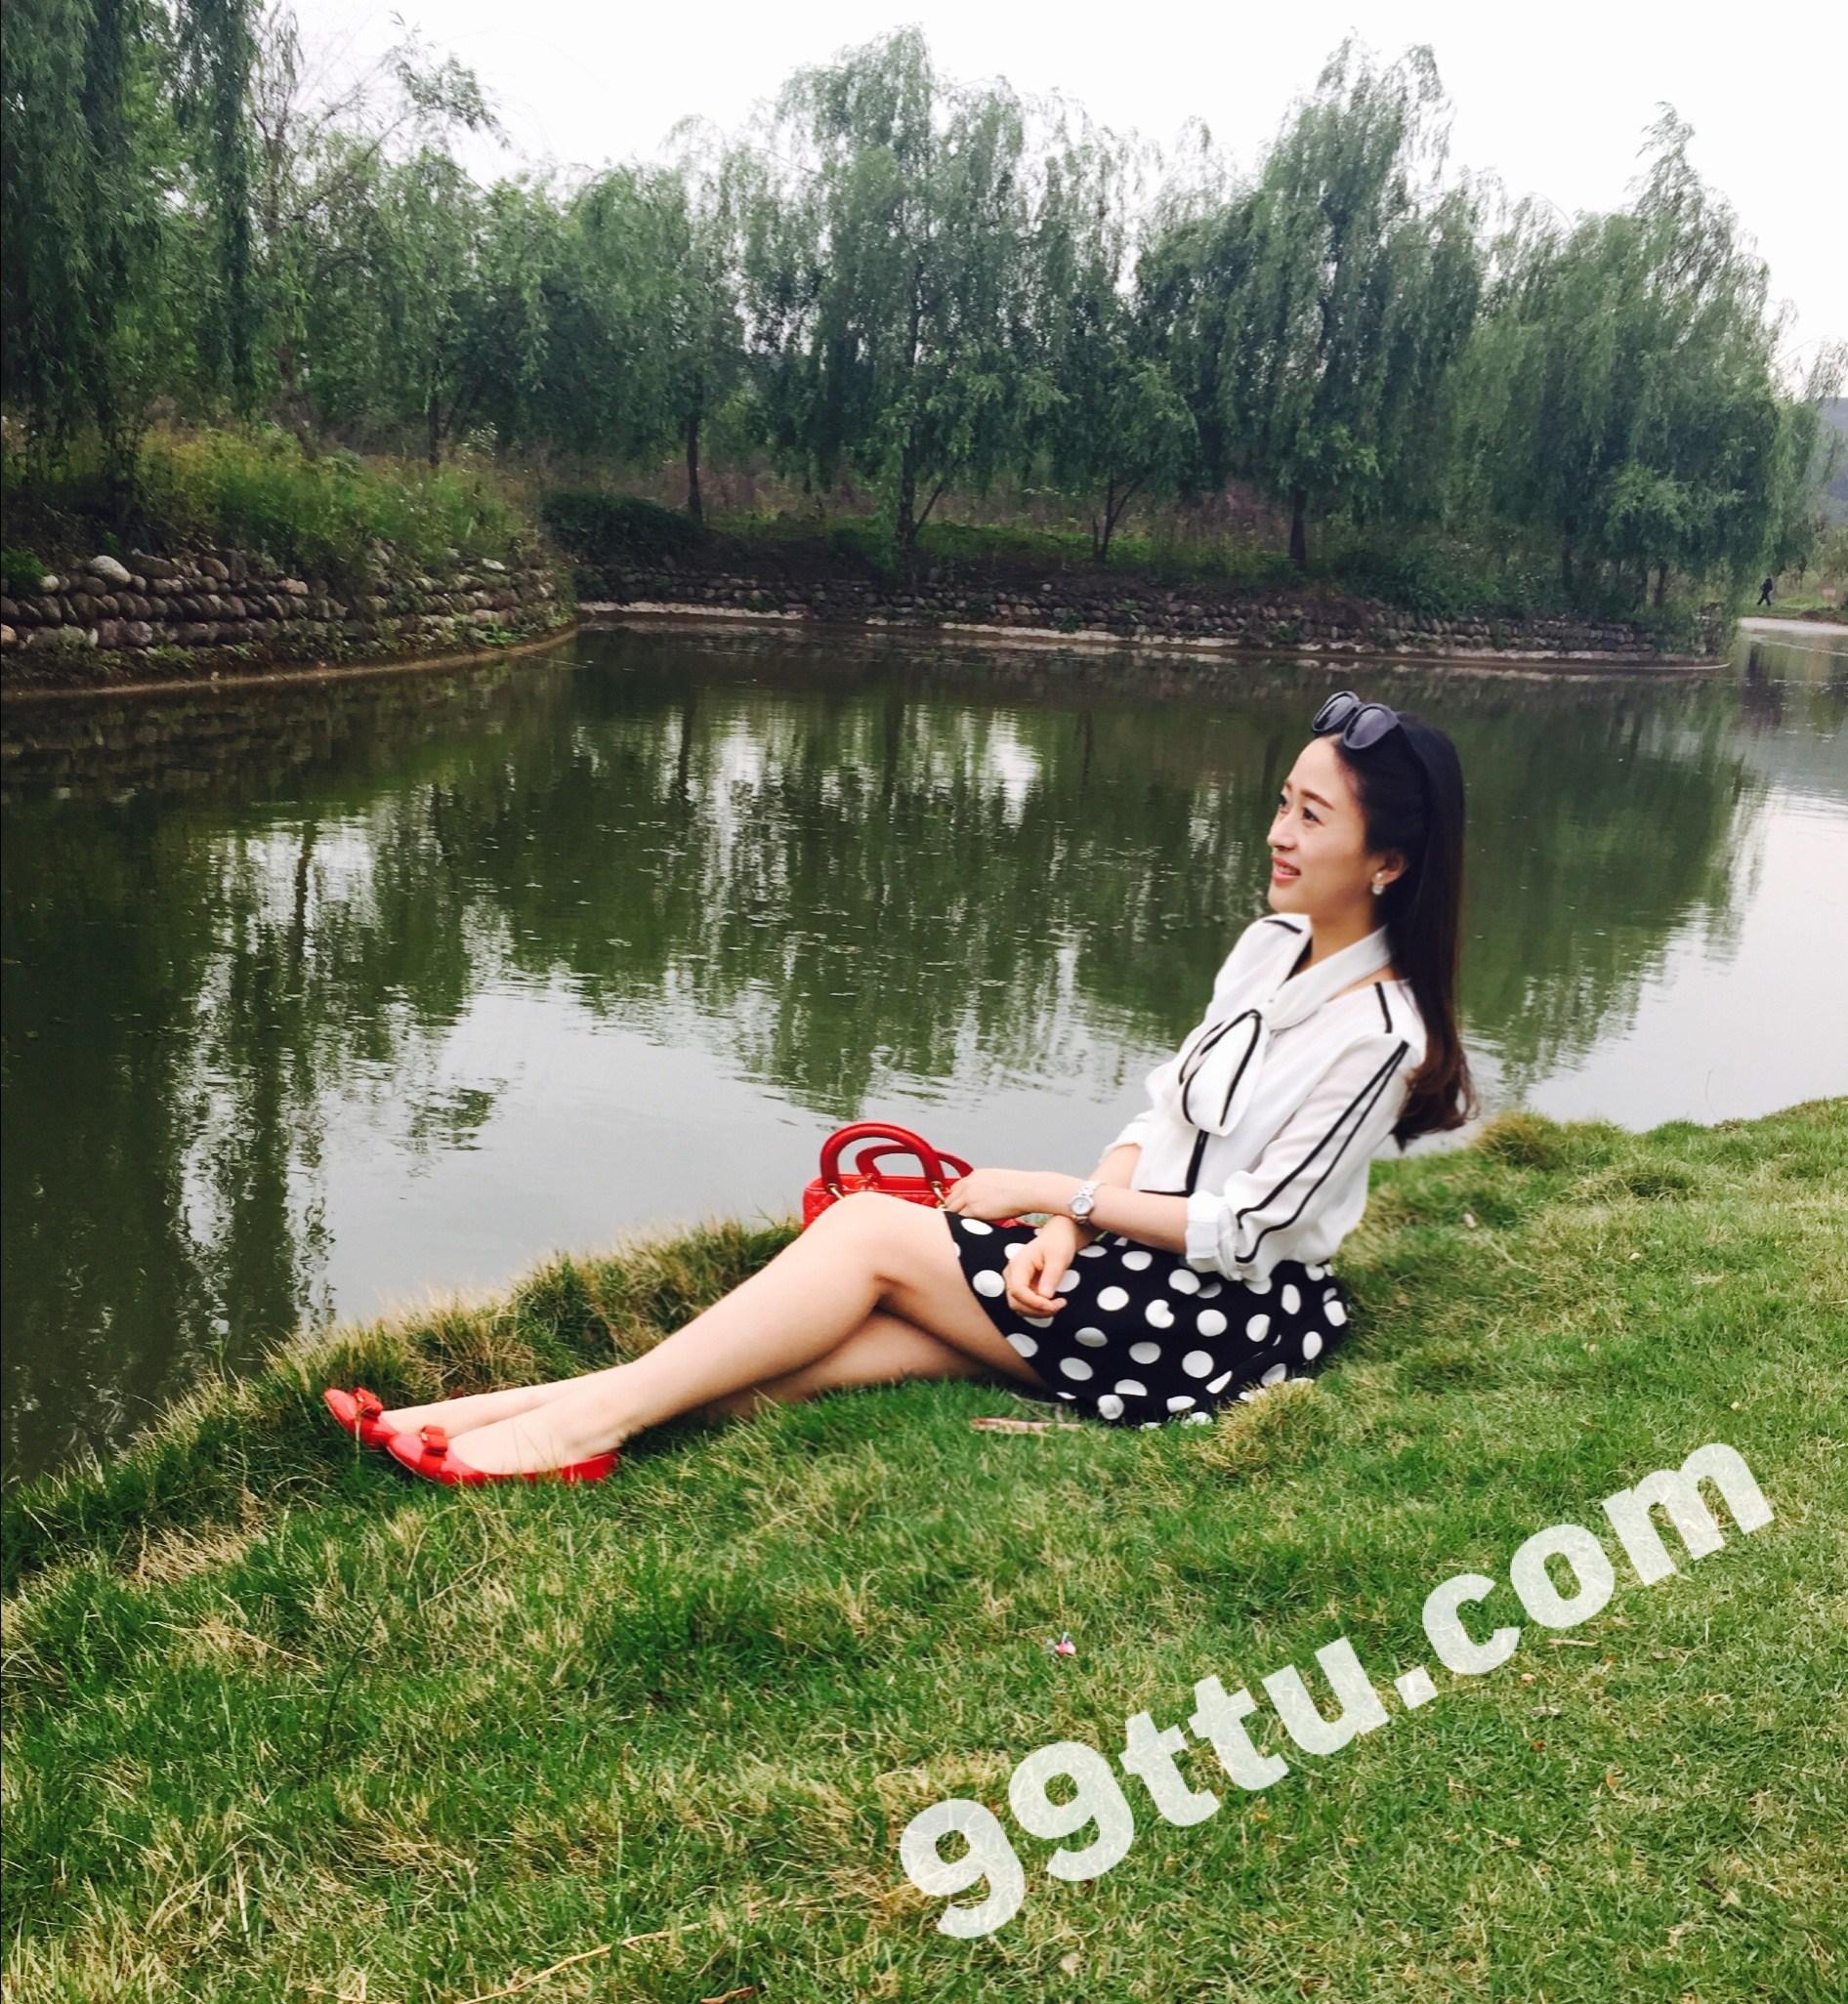 KK84_735张 超真实的美女套图生活照素材-10